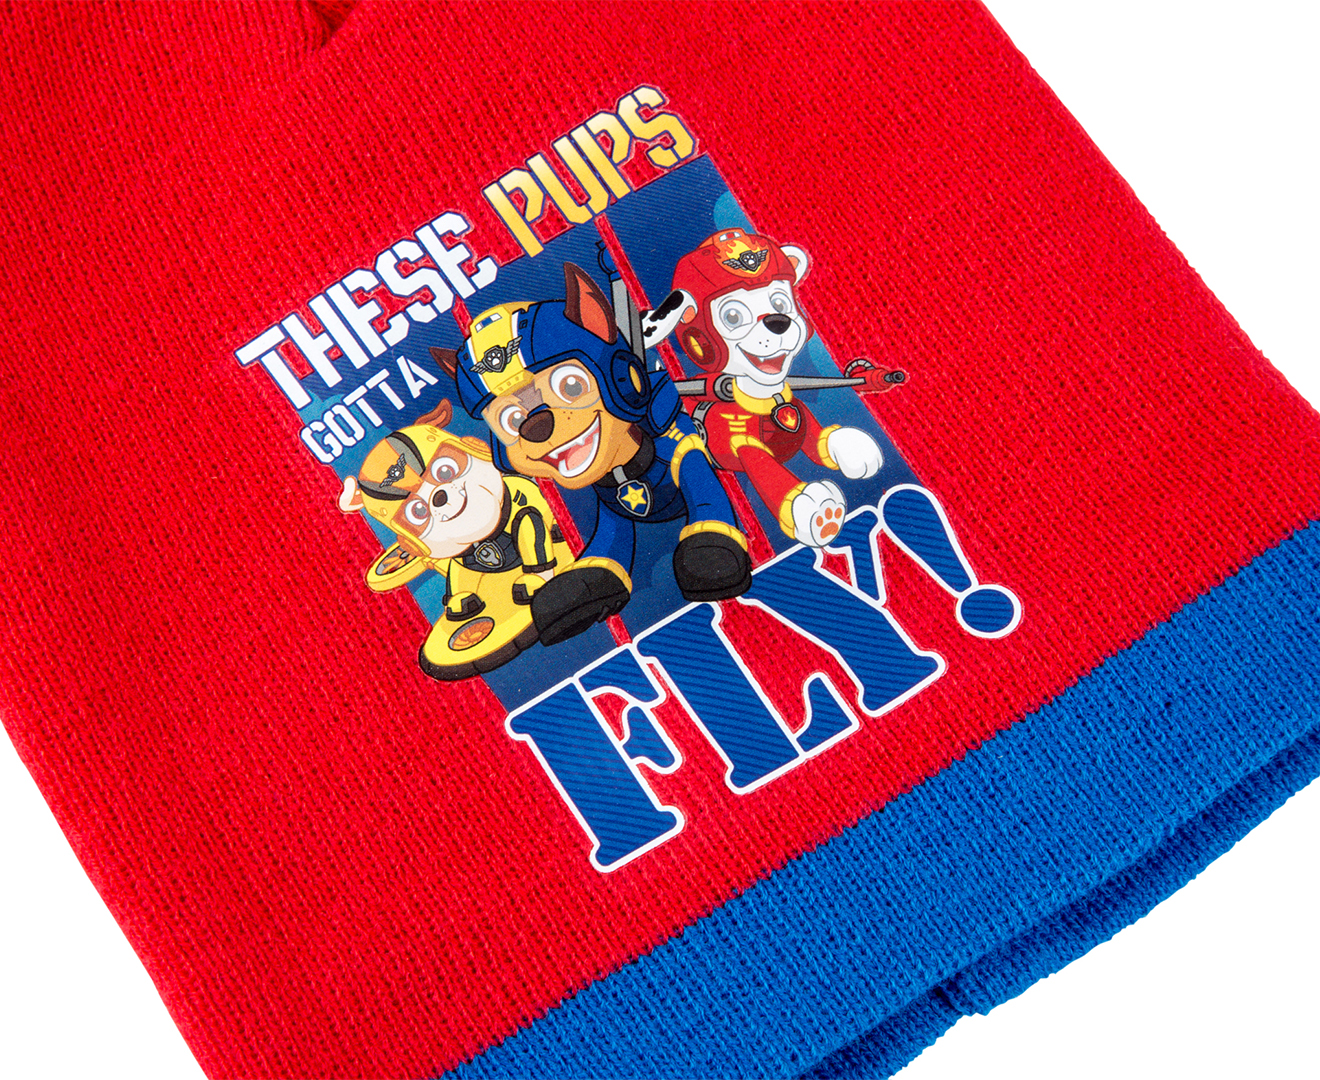 fa7593748 Paw Patrol Kids' 3-Piece Beanie, Scarf & Gloves Set - Red | Catch.com.au